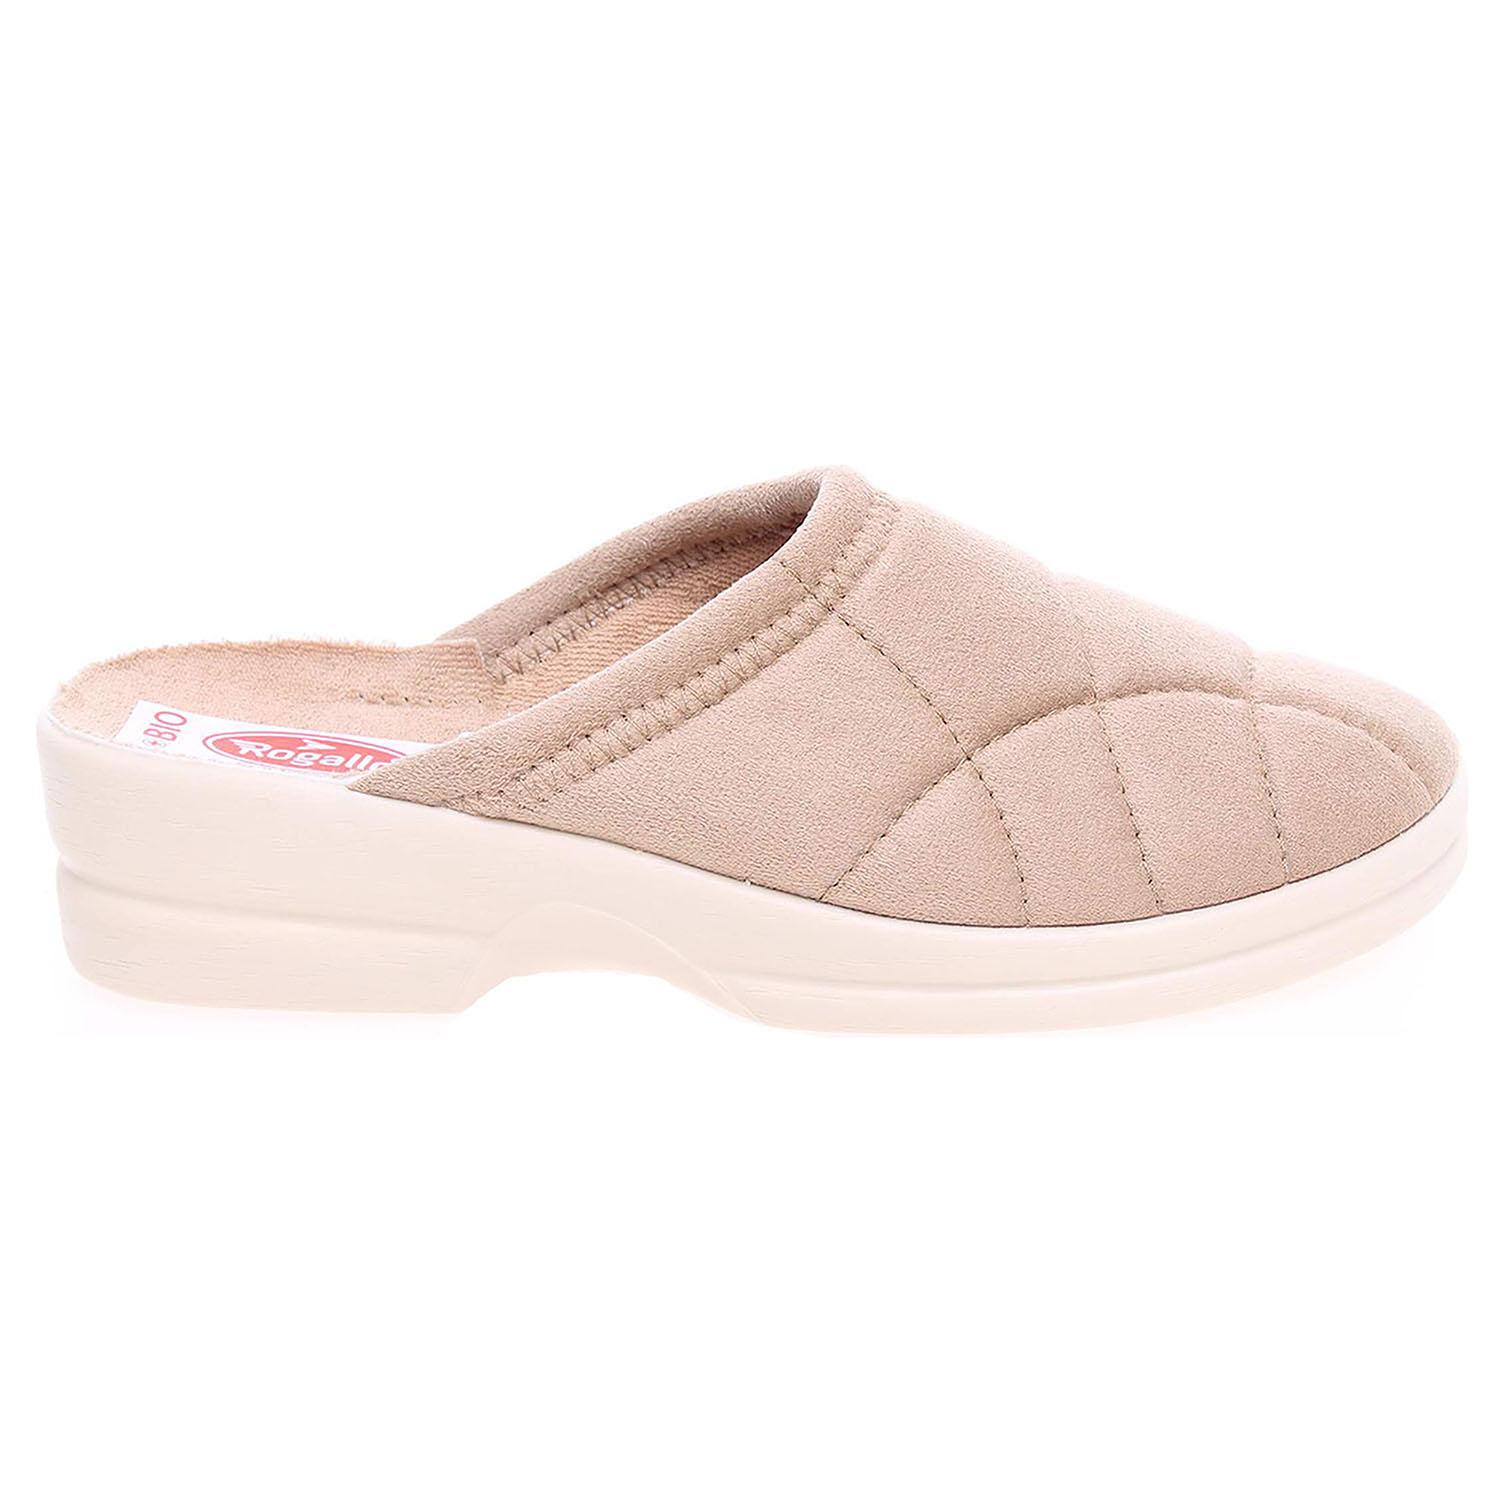 Rogallo domácí dámské pantofle 14779 béžové E-14779 41